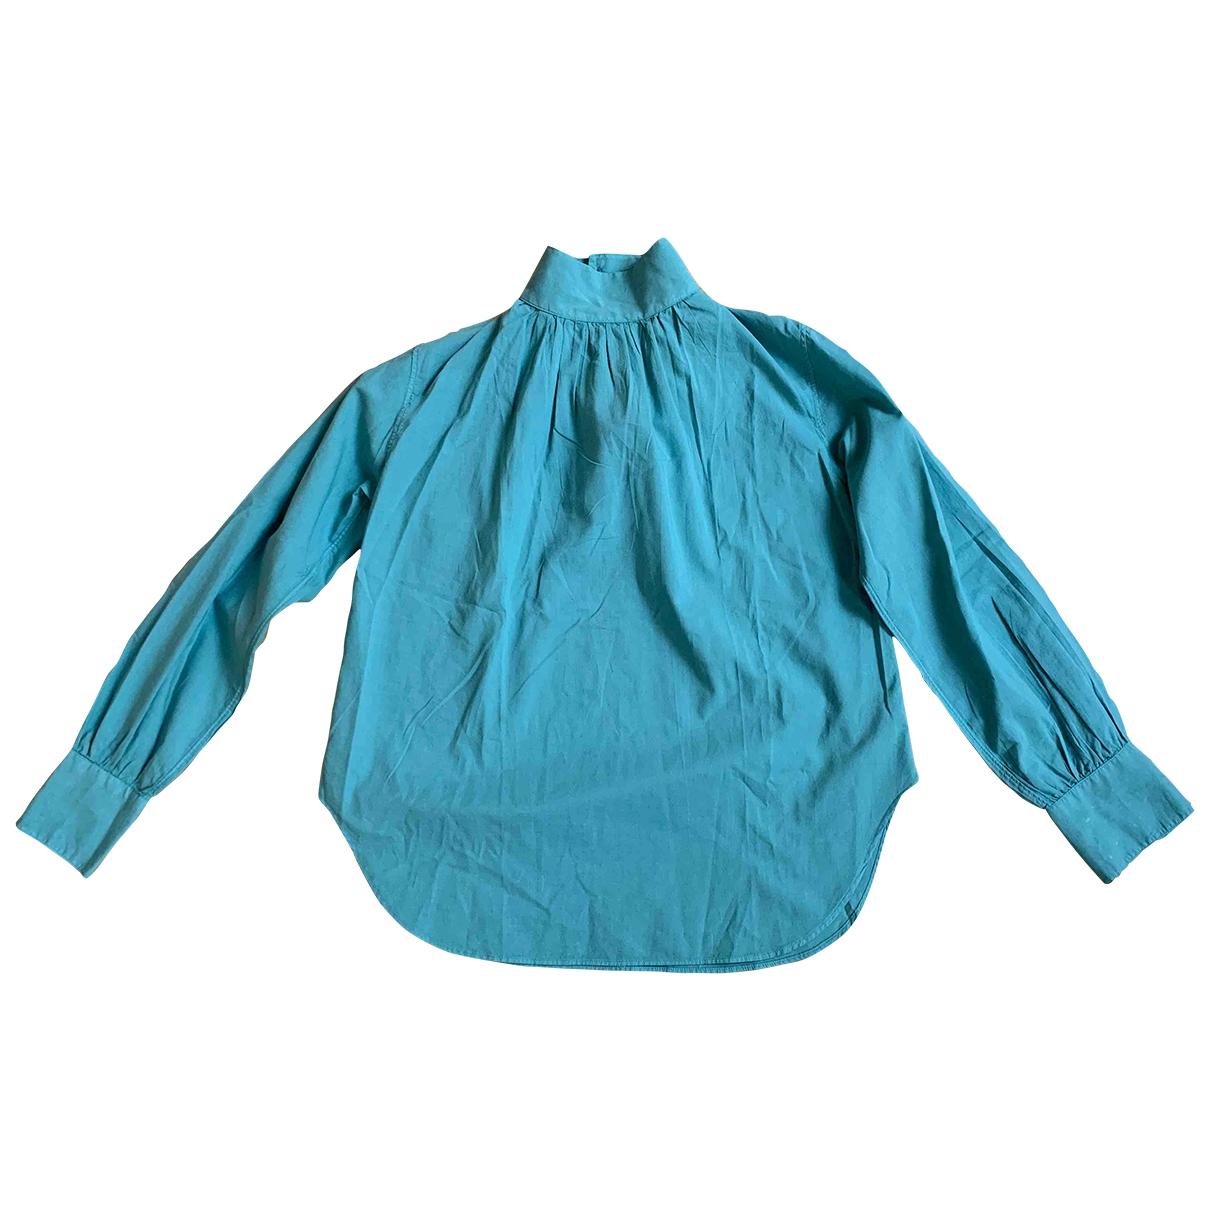 Officine Generale - Top   pour femme en coton - vert